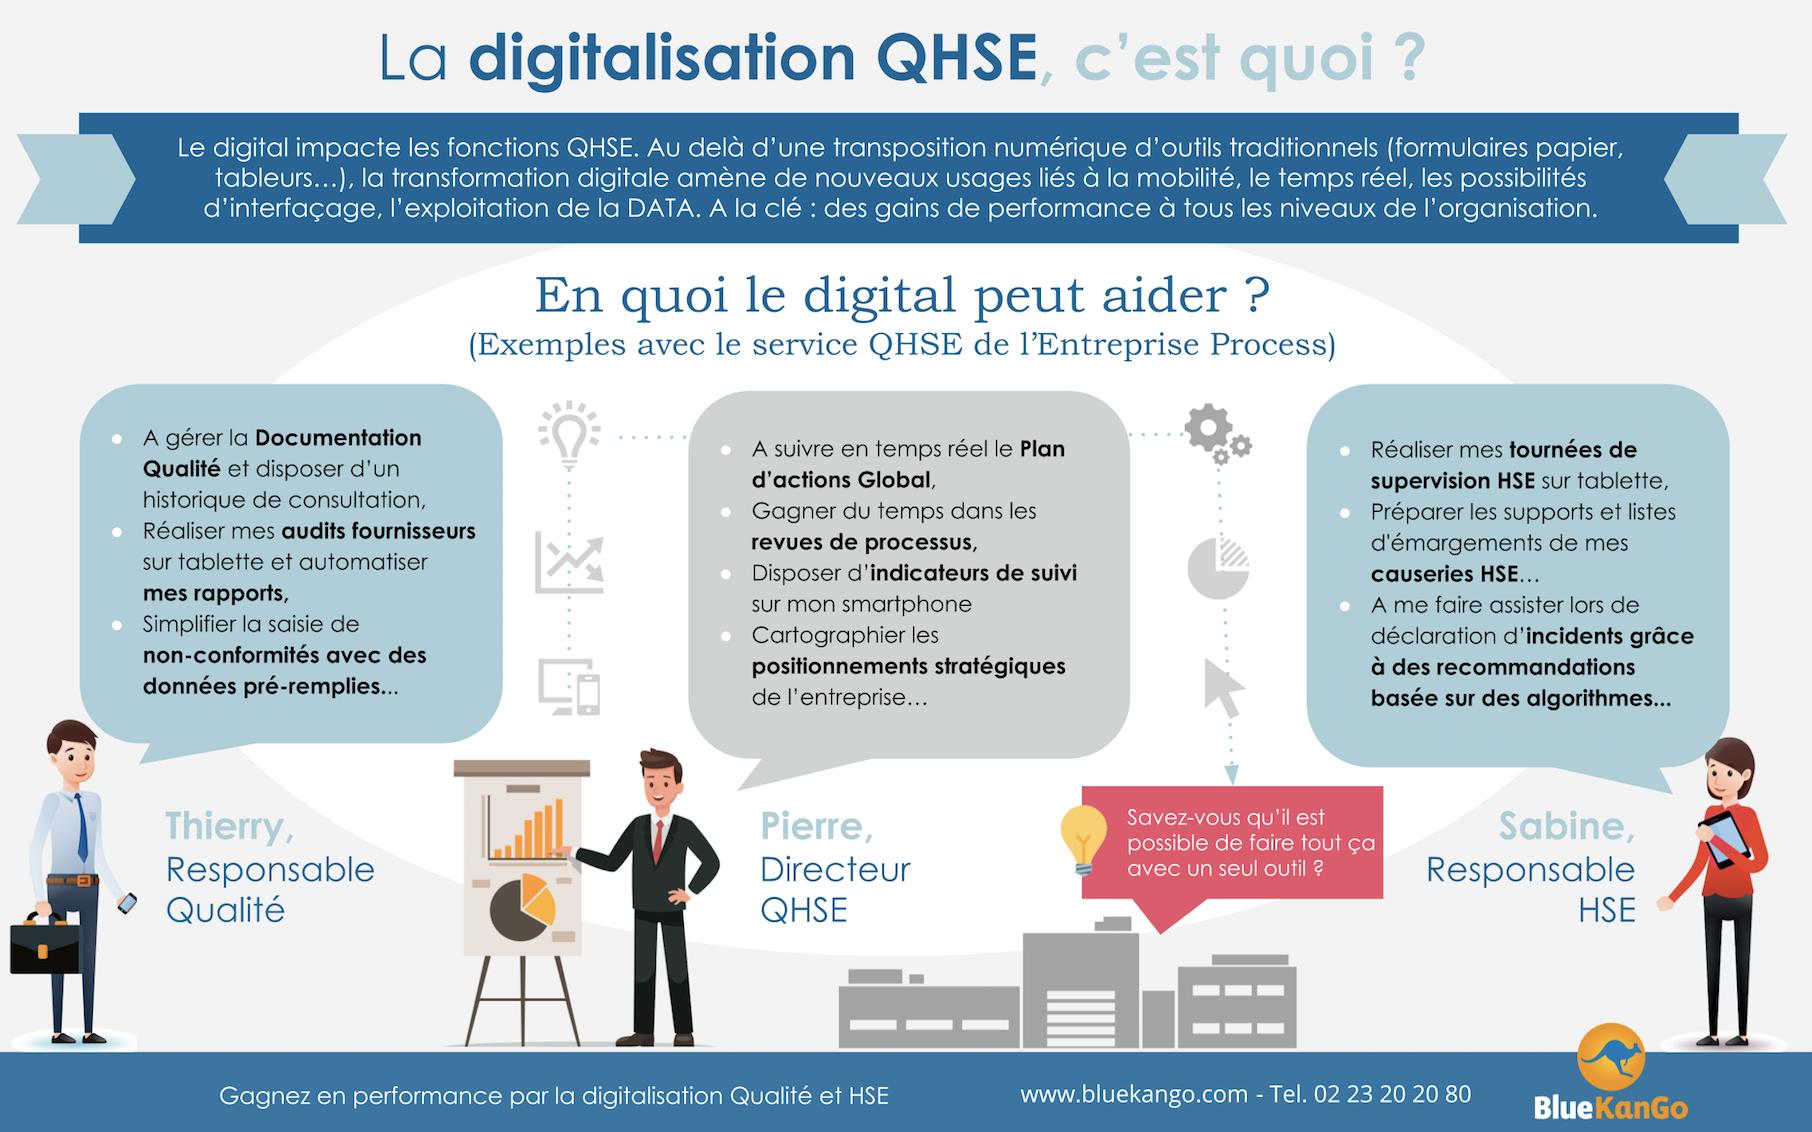 [Infographie] La digitalisation, c'est quoi en fait ? BlueKanGo